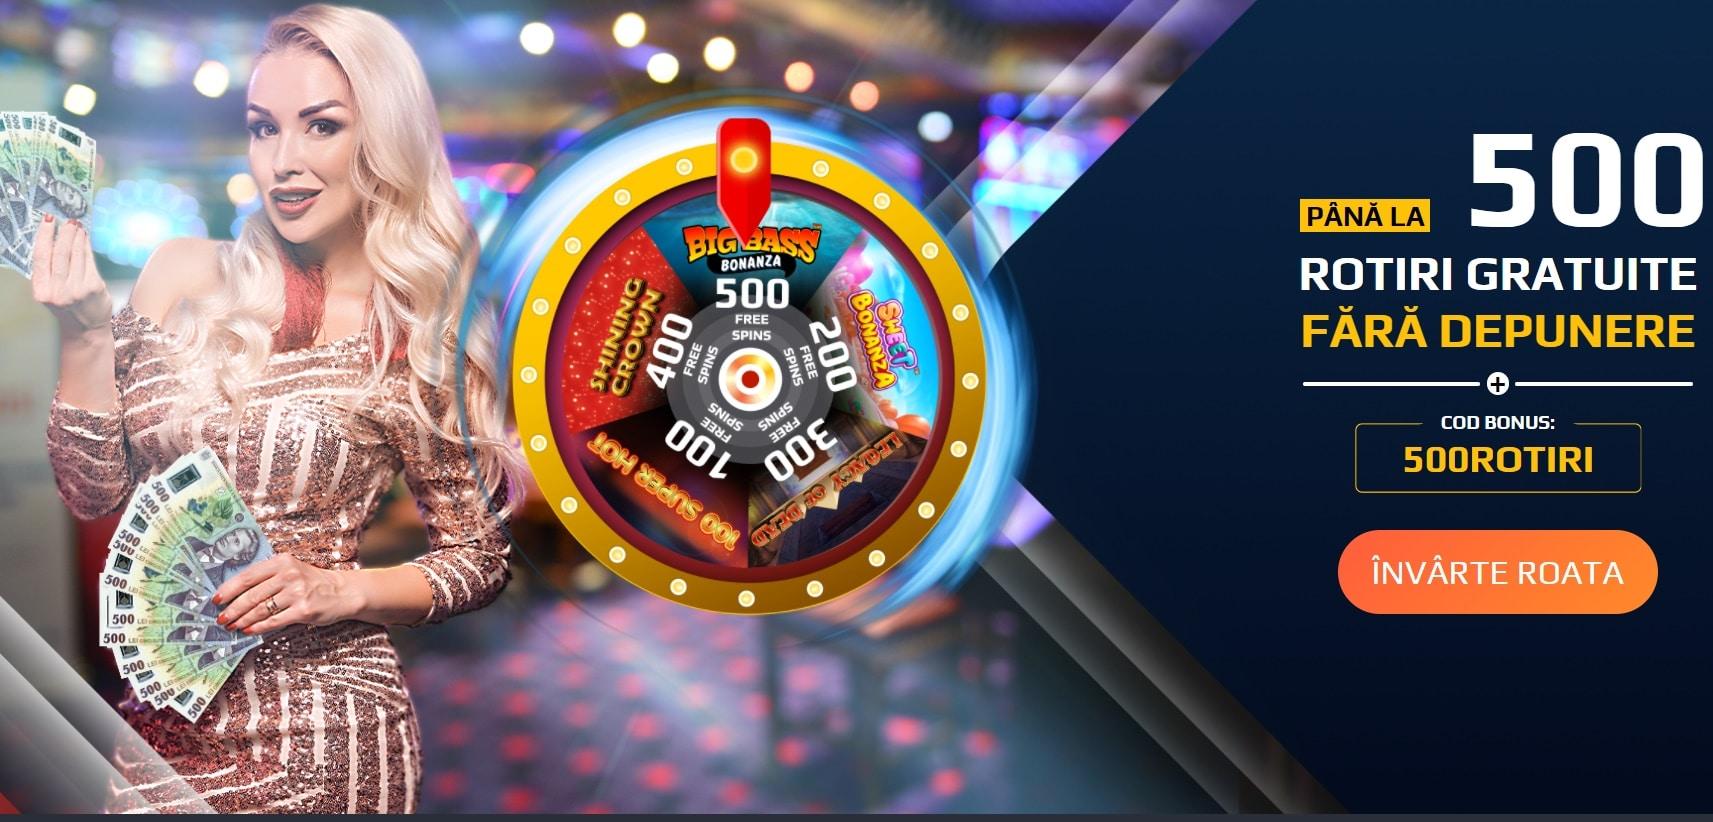 netbet 500 rotiri